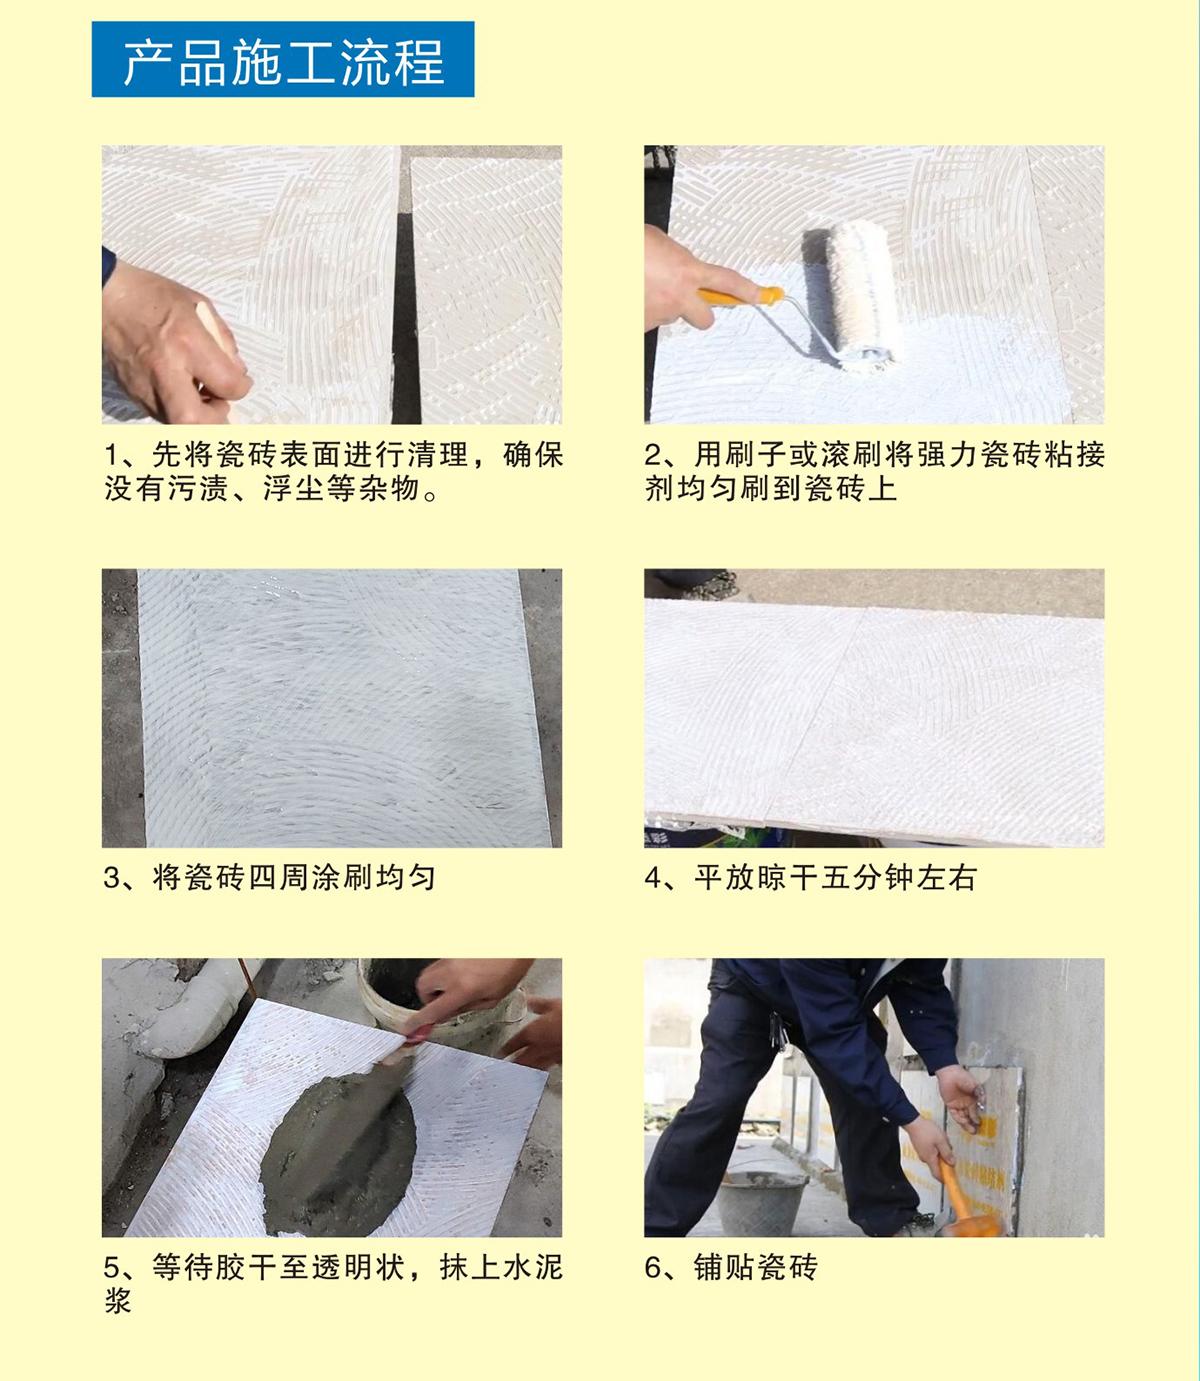 森亚阳瓷砖粘结剂施工流程